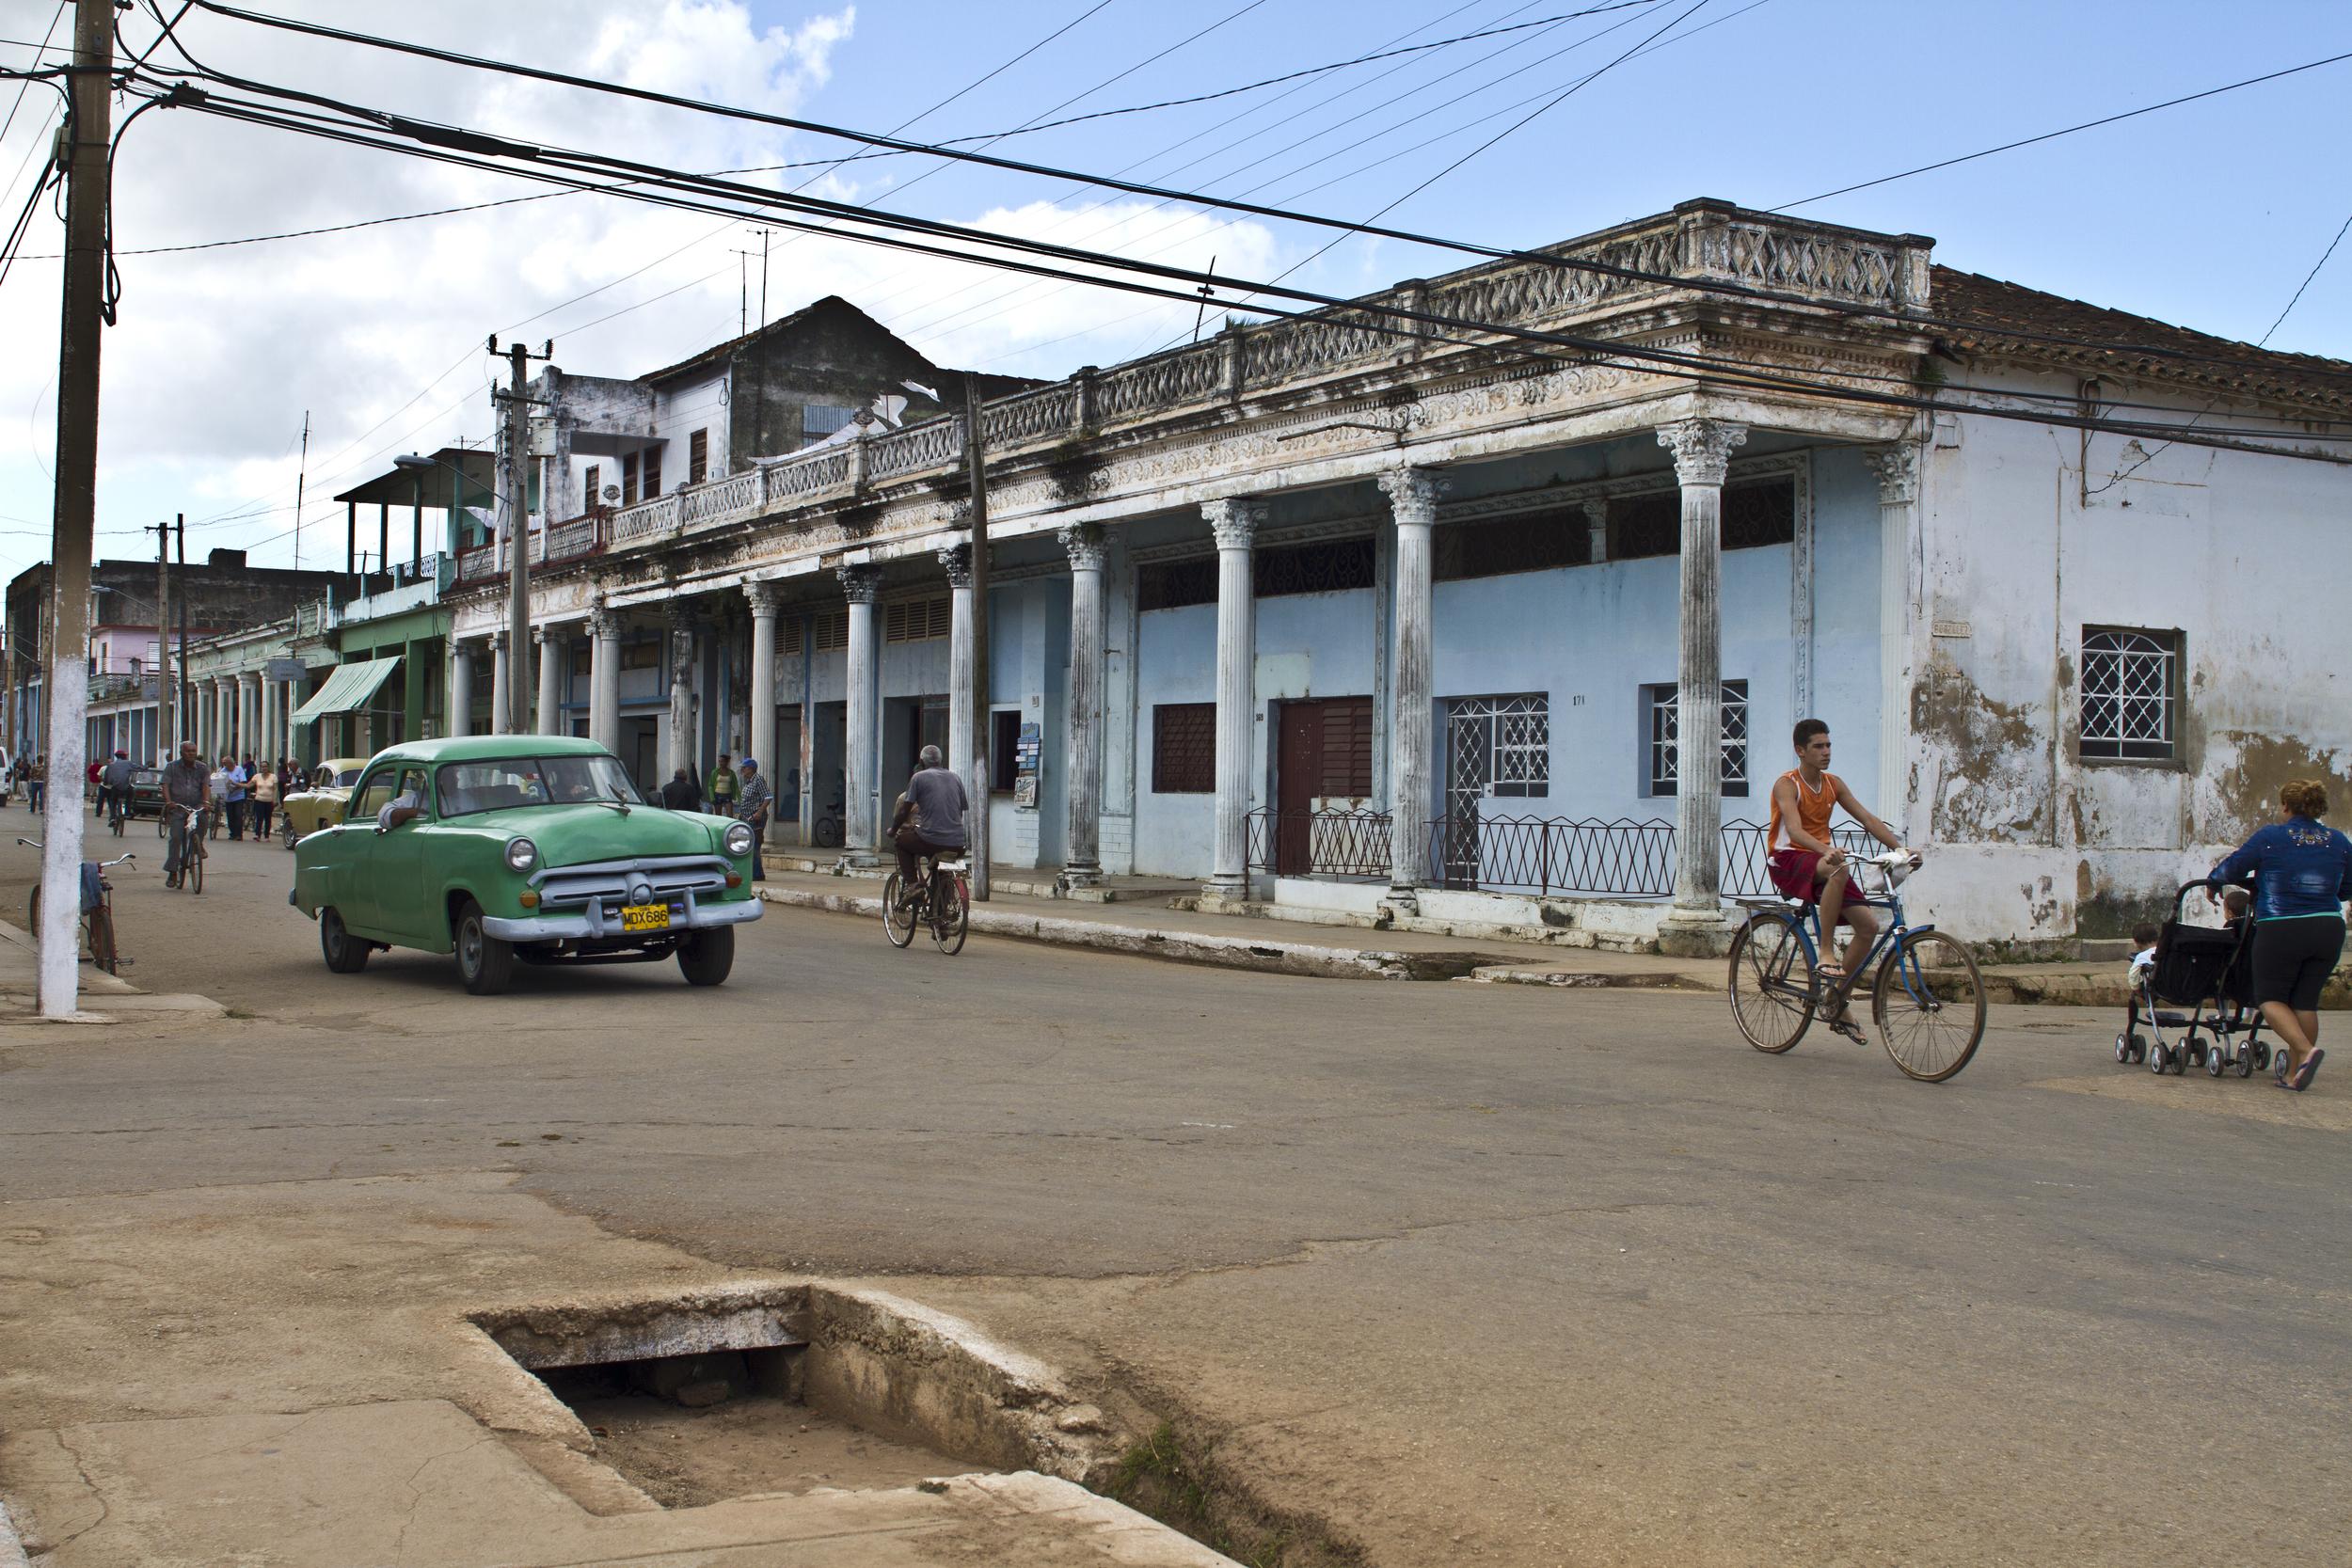 Cuba_33.jpg